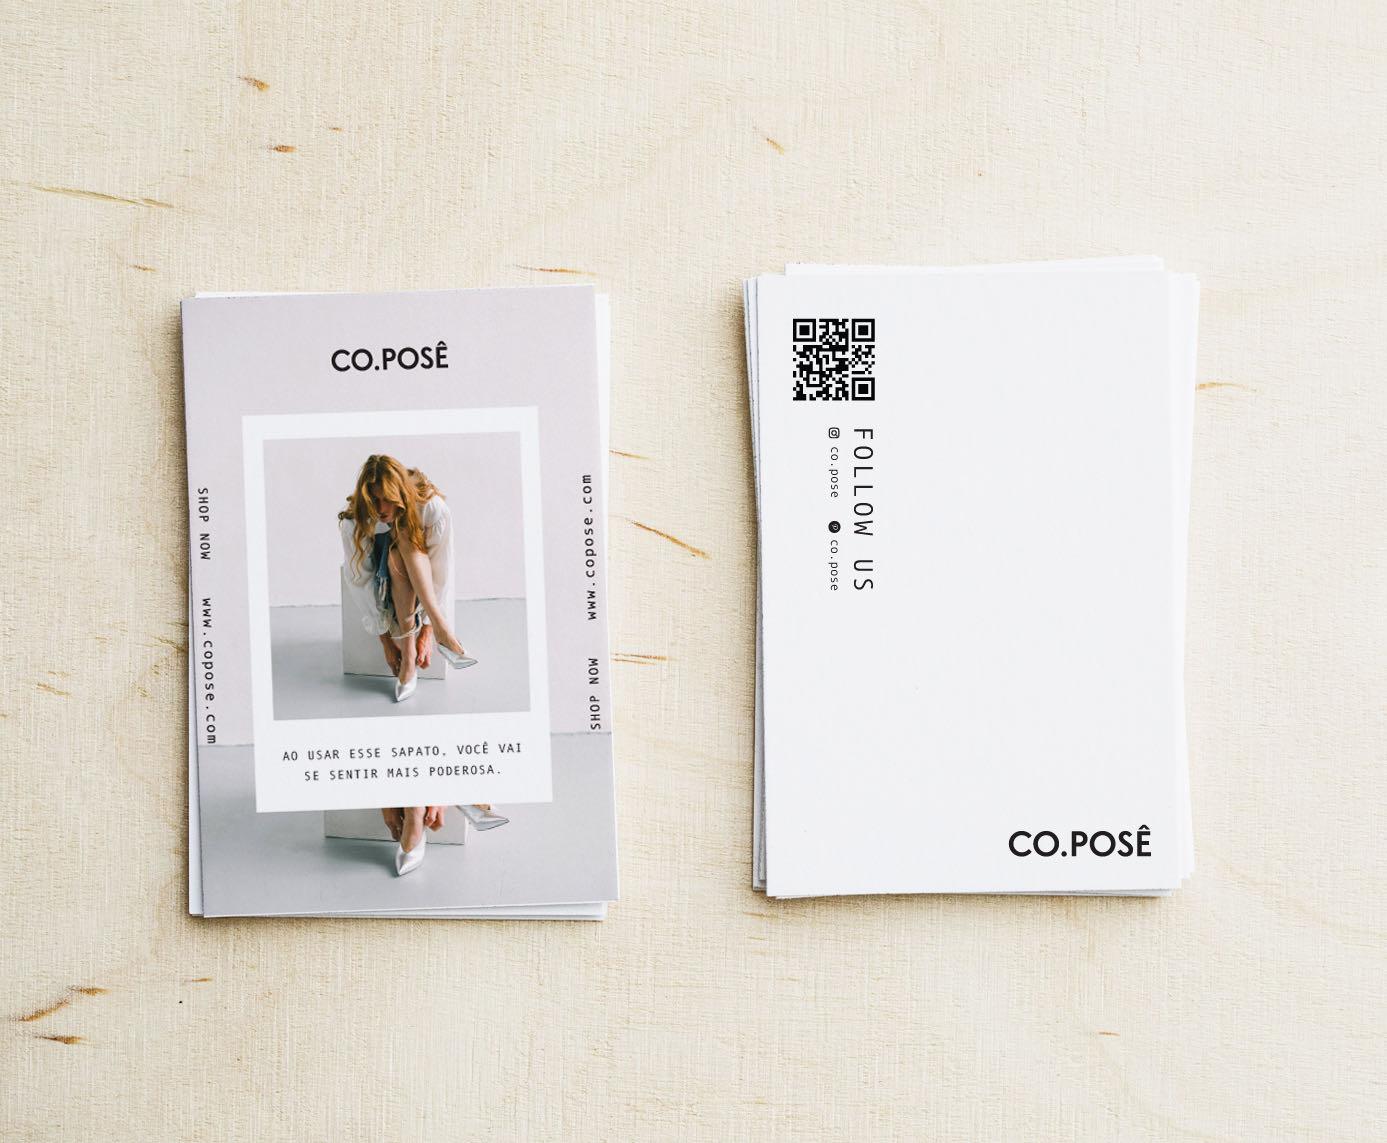 Cartão de agradecimento para Co.posê